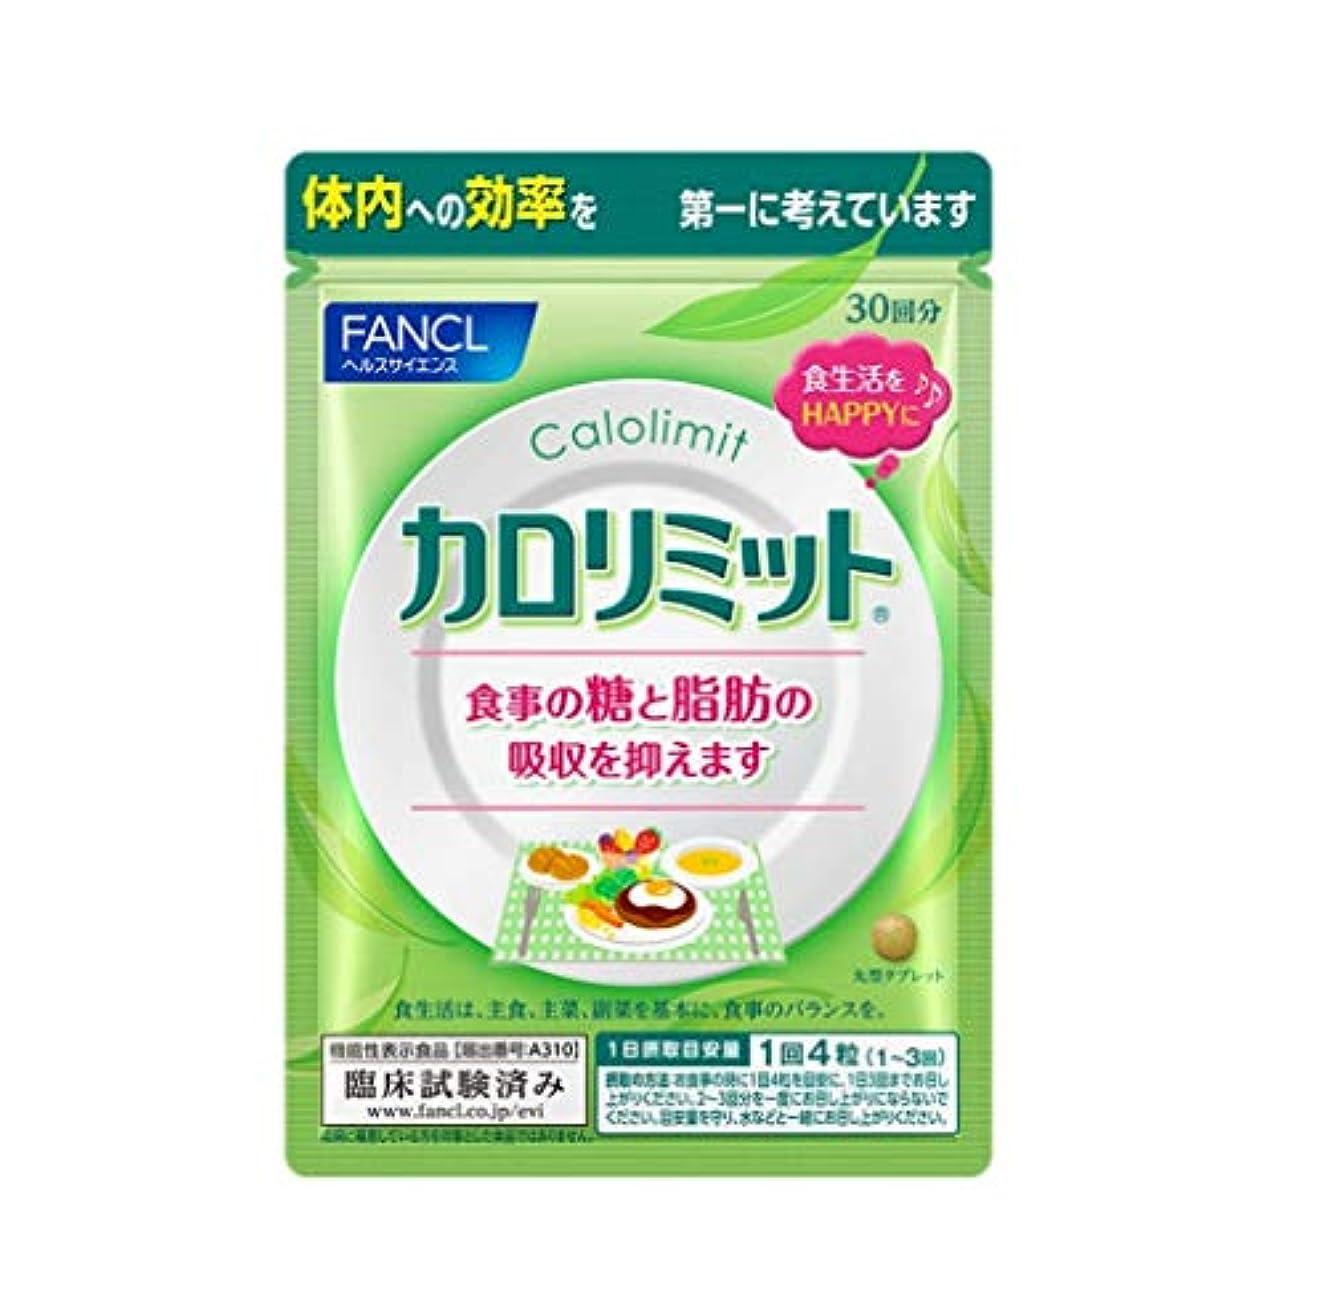 反発する庭園ストレスファンケル (FANCL) カロリミット (約30回分) 120粒 [機能性表示食品]